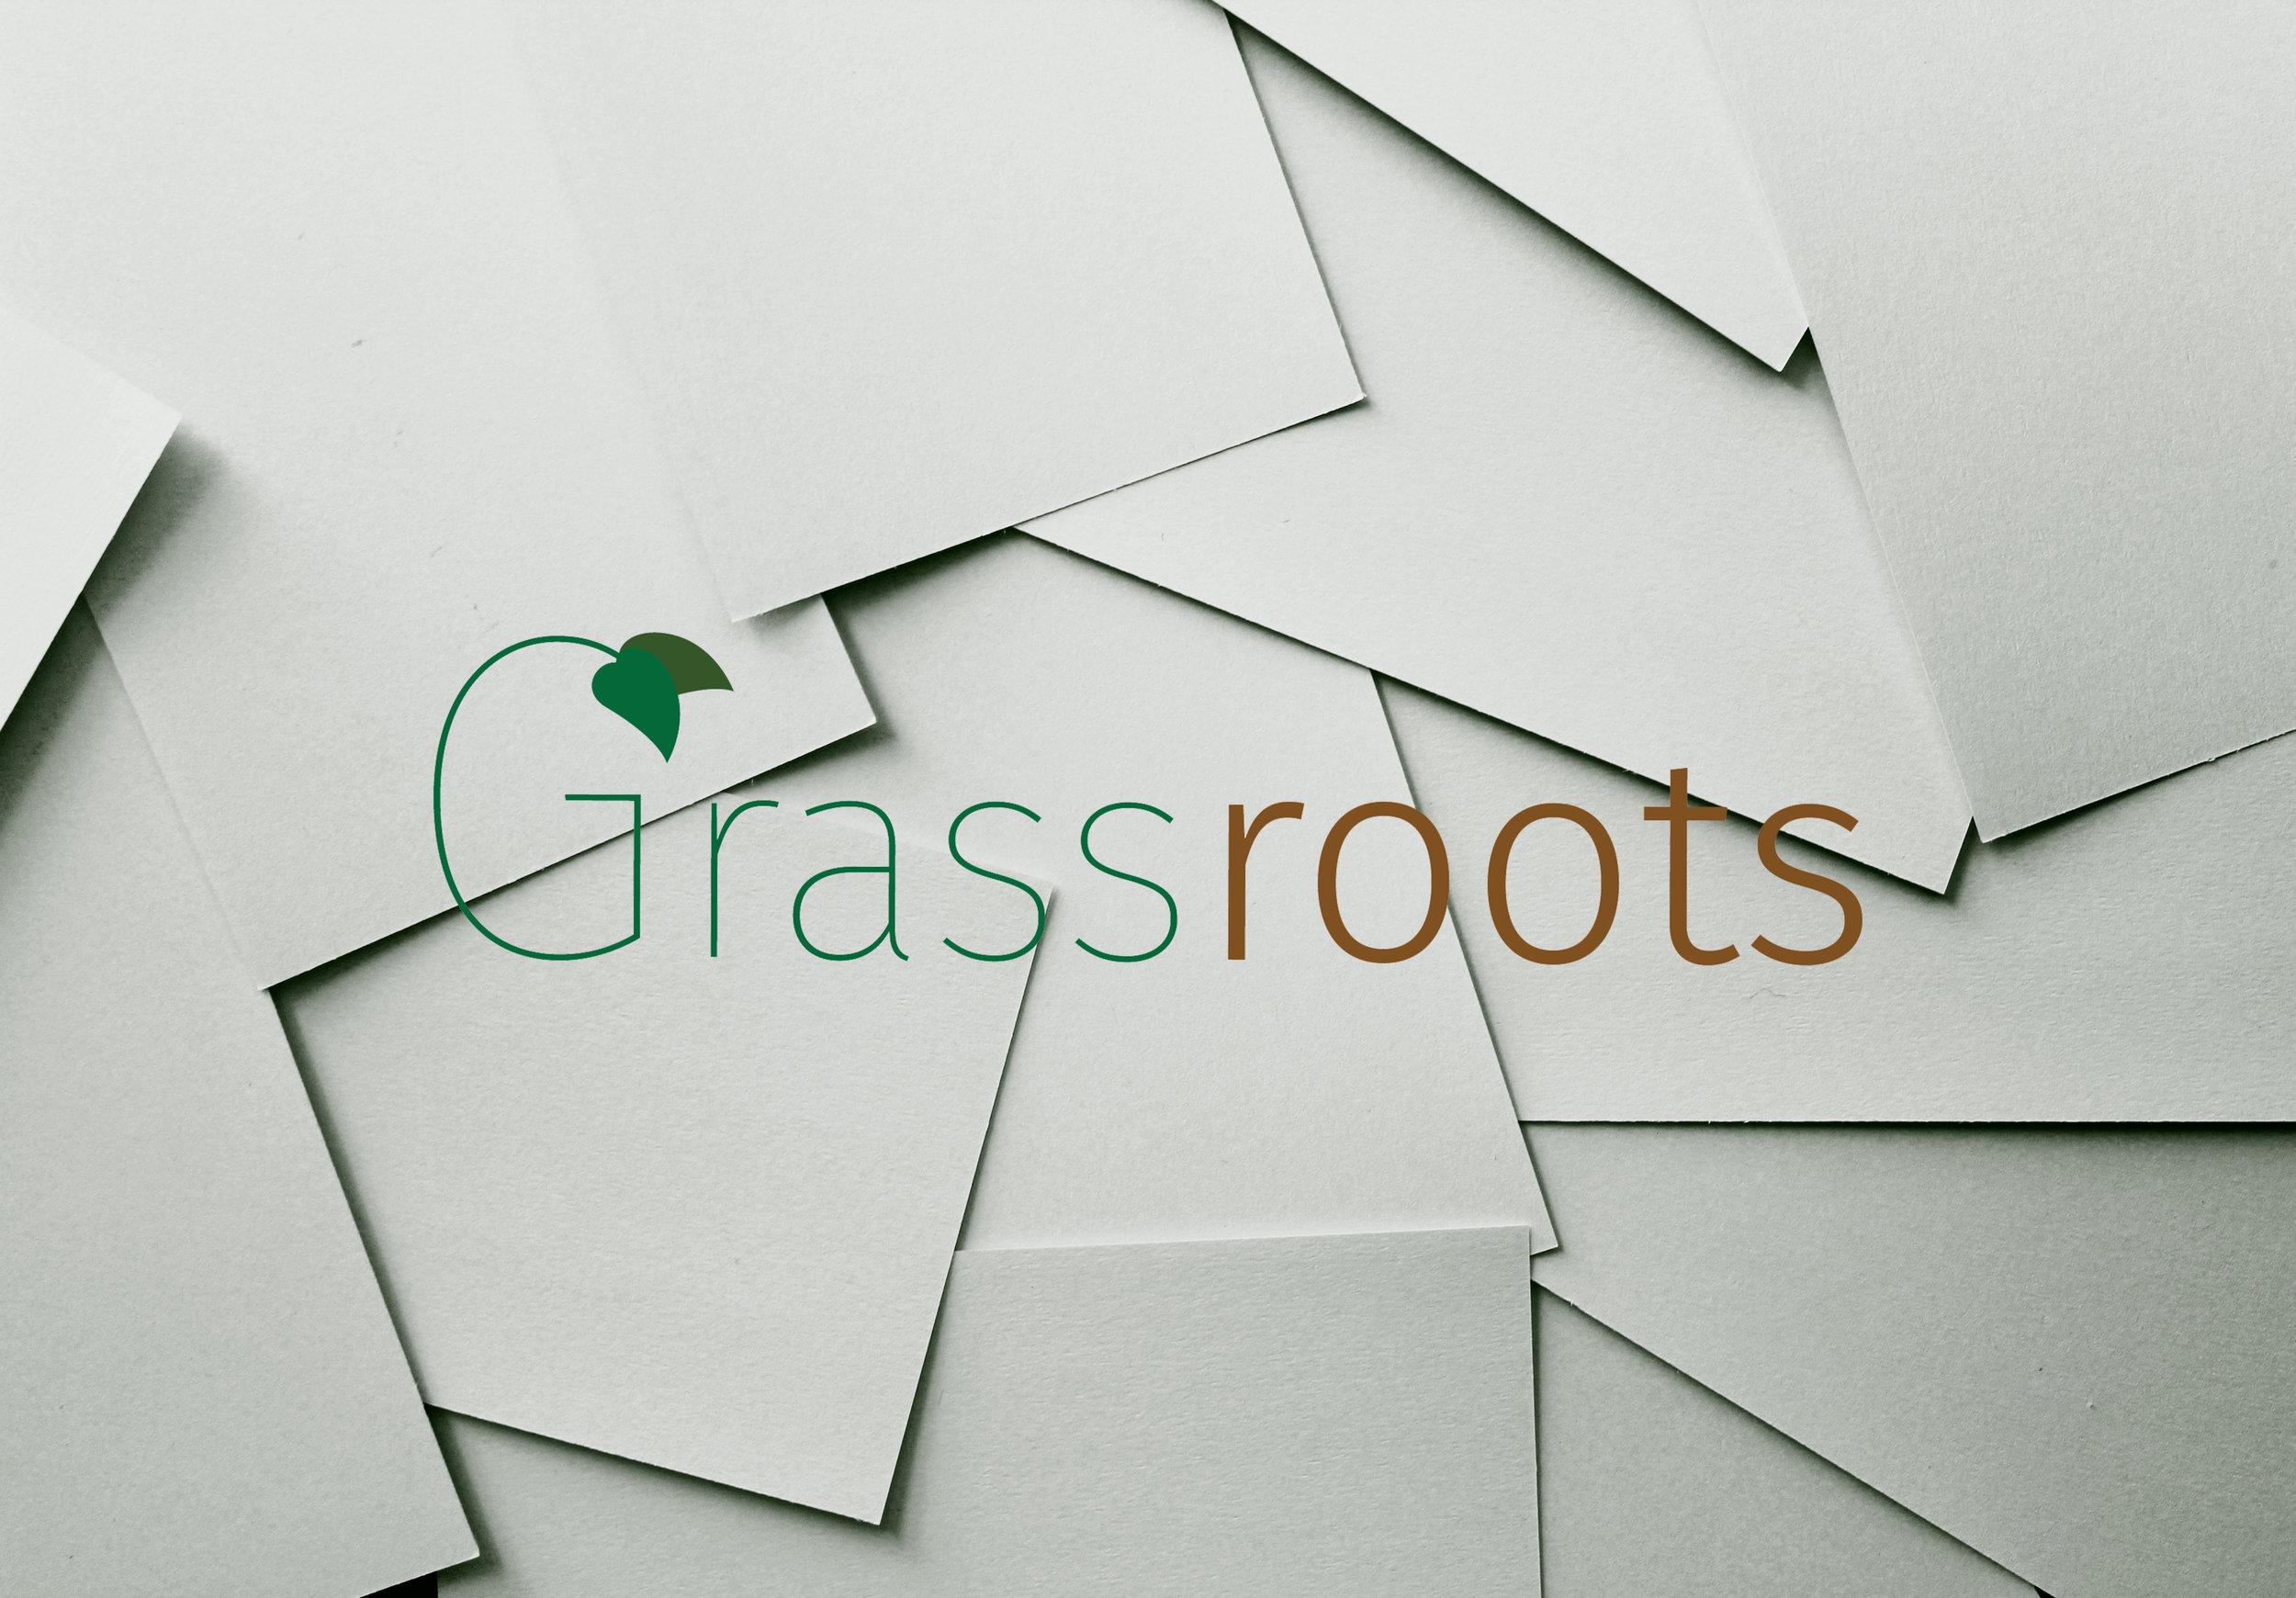 Instagram GrassRoots.jpg